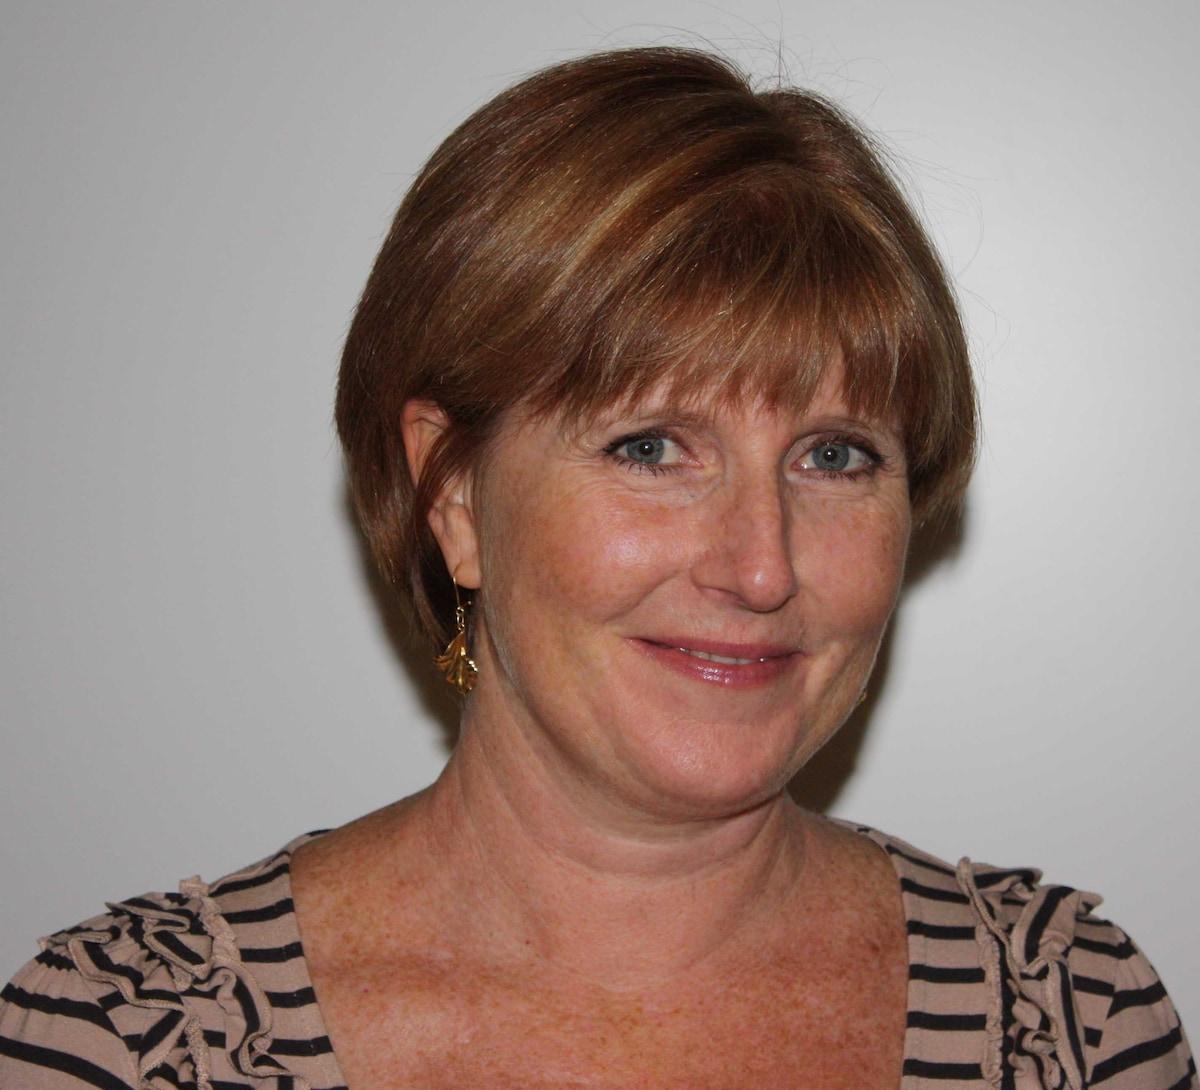 Linda from Nerja